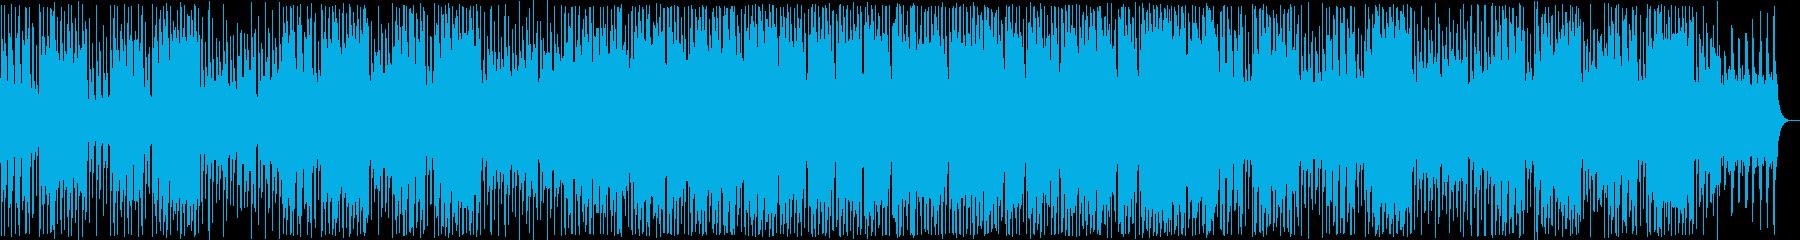 明るい管楽器シンセ系ポップの再生済みの波形